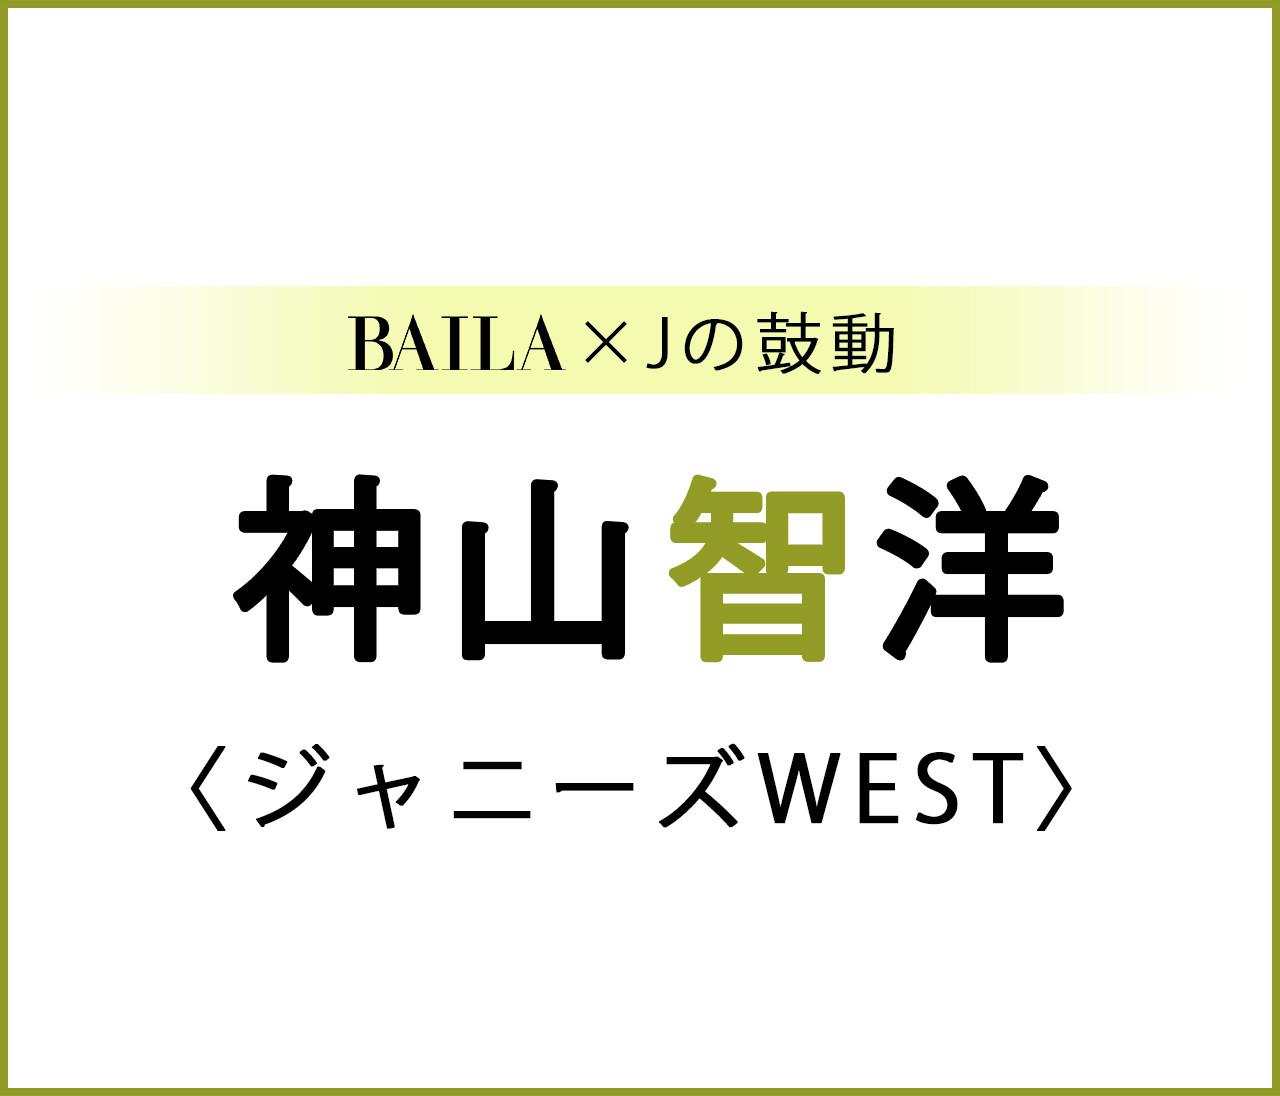 【 #ジャニーズWEST #神山智洋 】神山智洋スペシャルインタビュー!【BAILA × Jの鼓動】